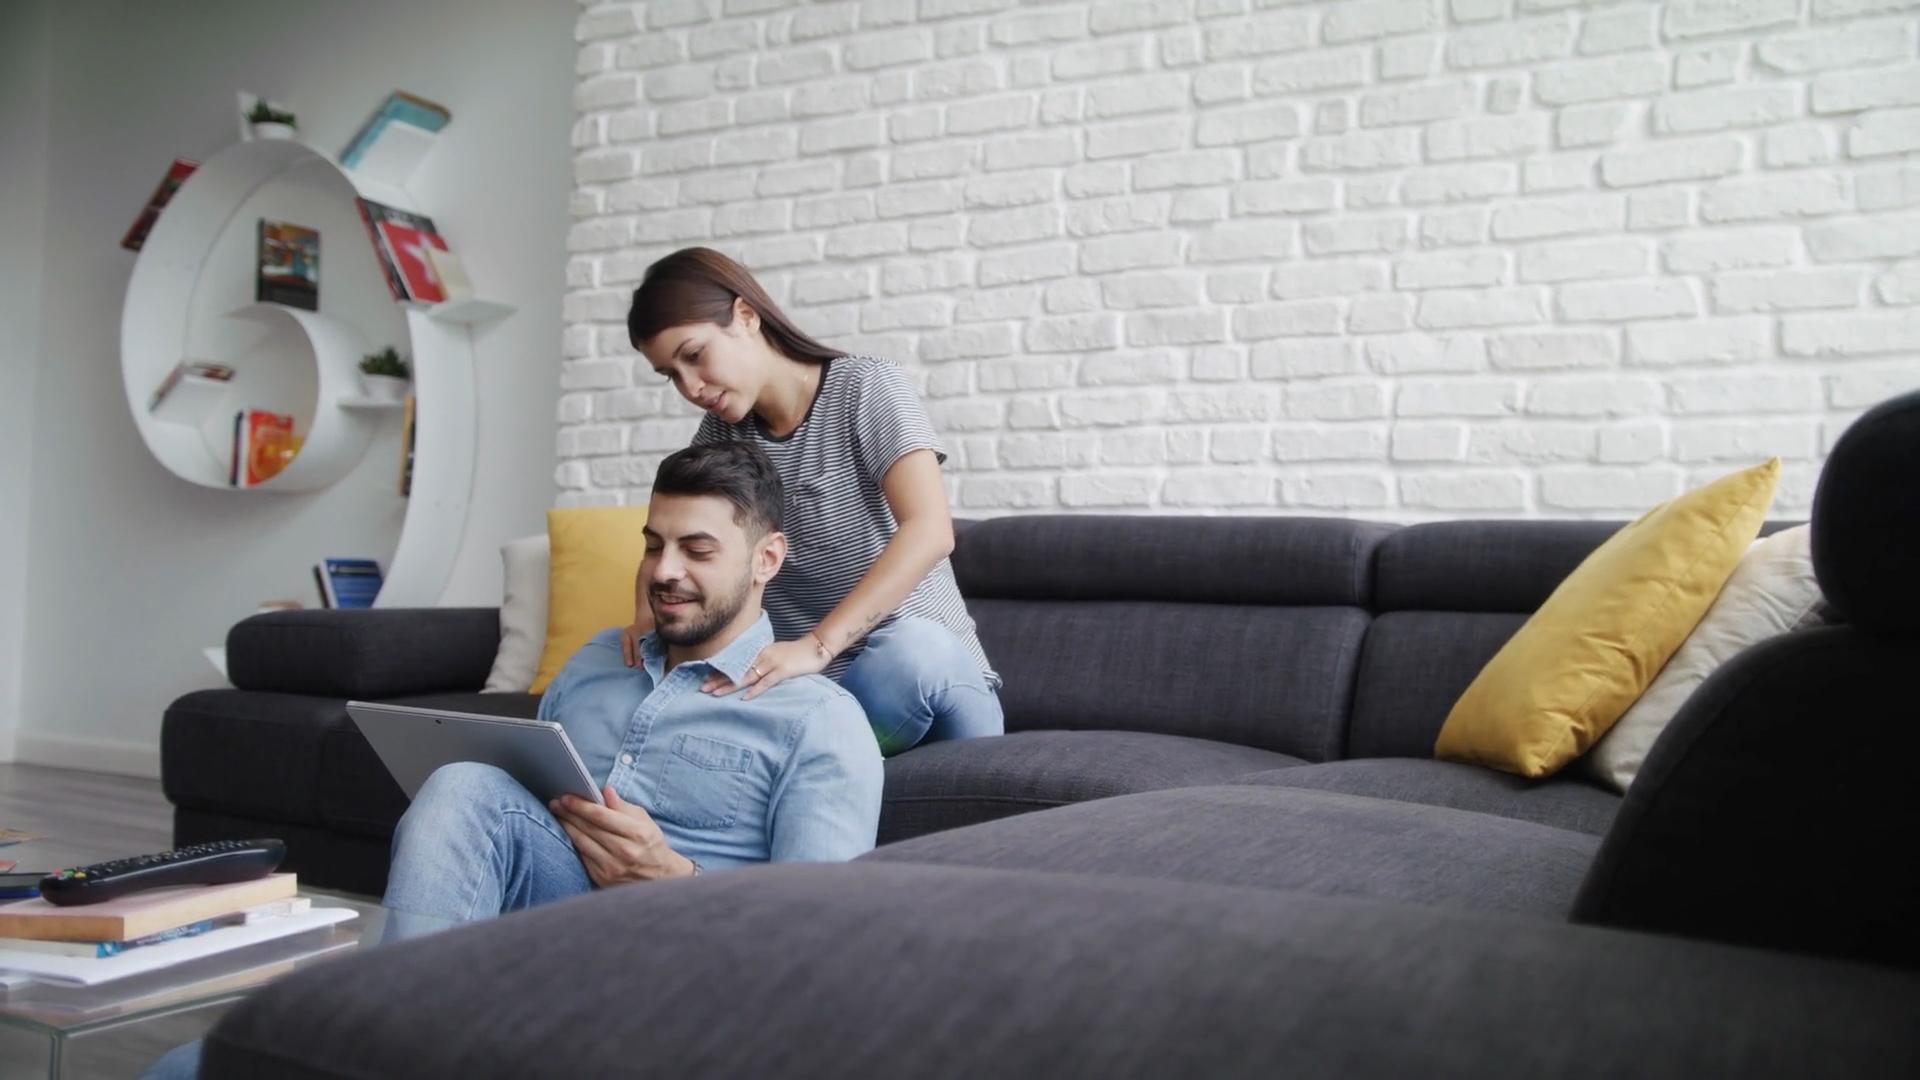 Jakie pieszczoty lubią mężczyźni? Rozpal swojego partnera